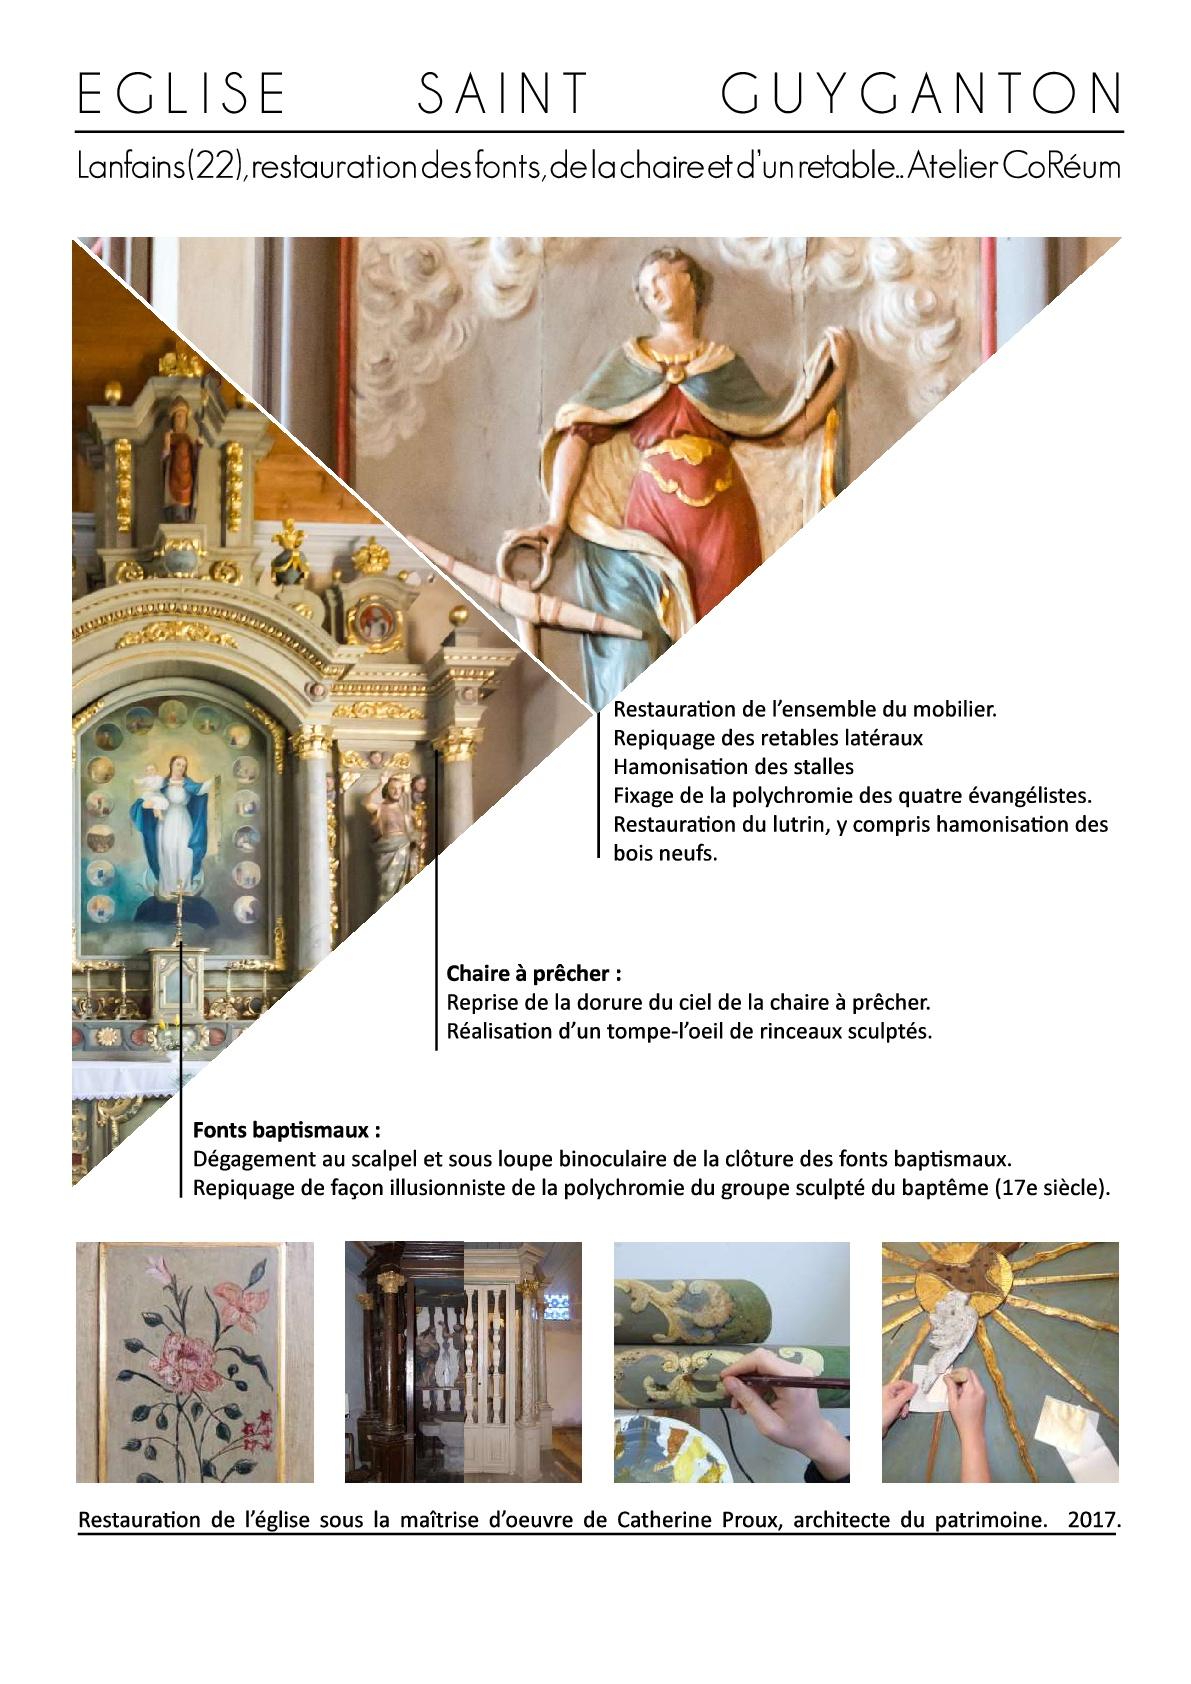 etude prealable restauration patrimoine mobilier objet art cotes armor bretagne coreum polychromie anthemion monument historique